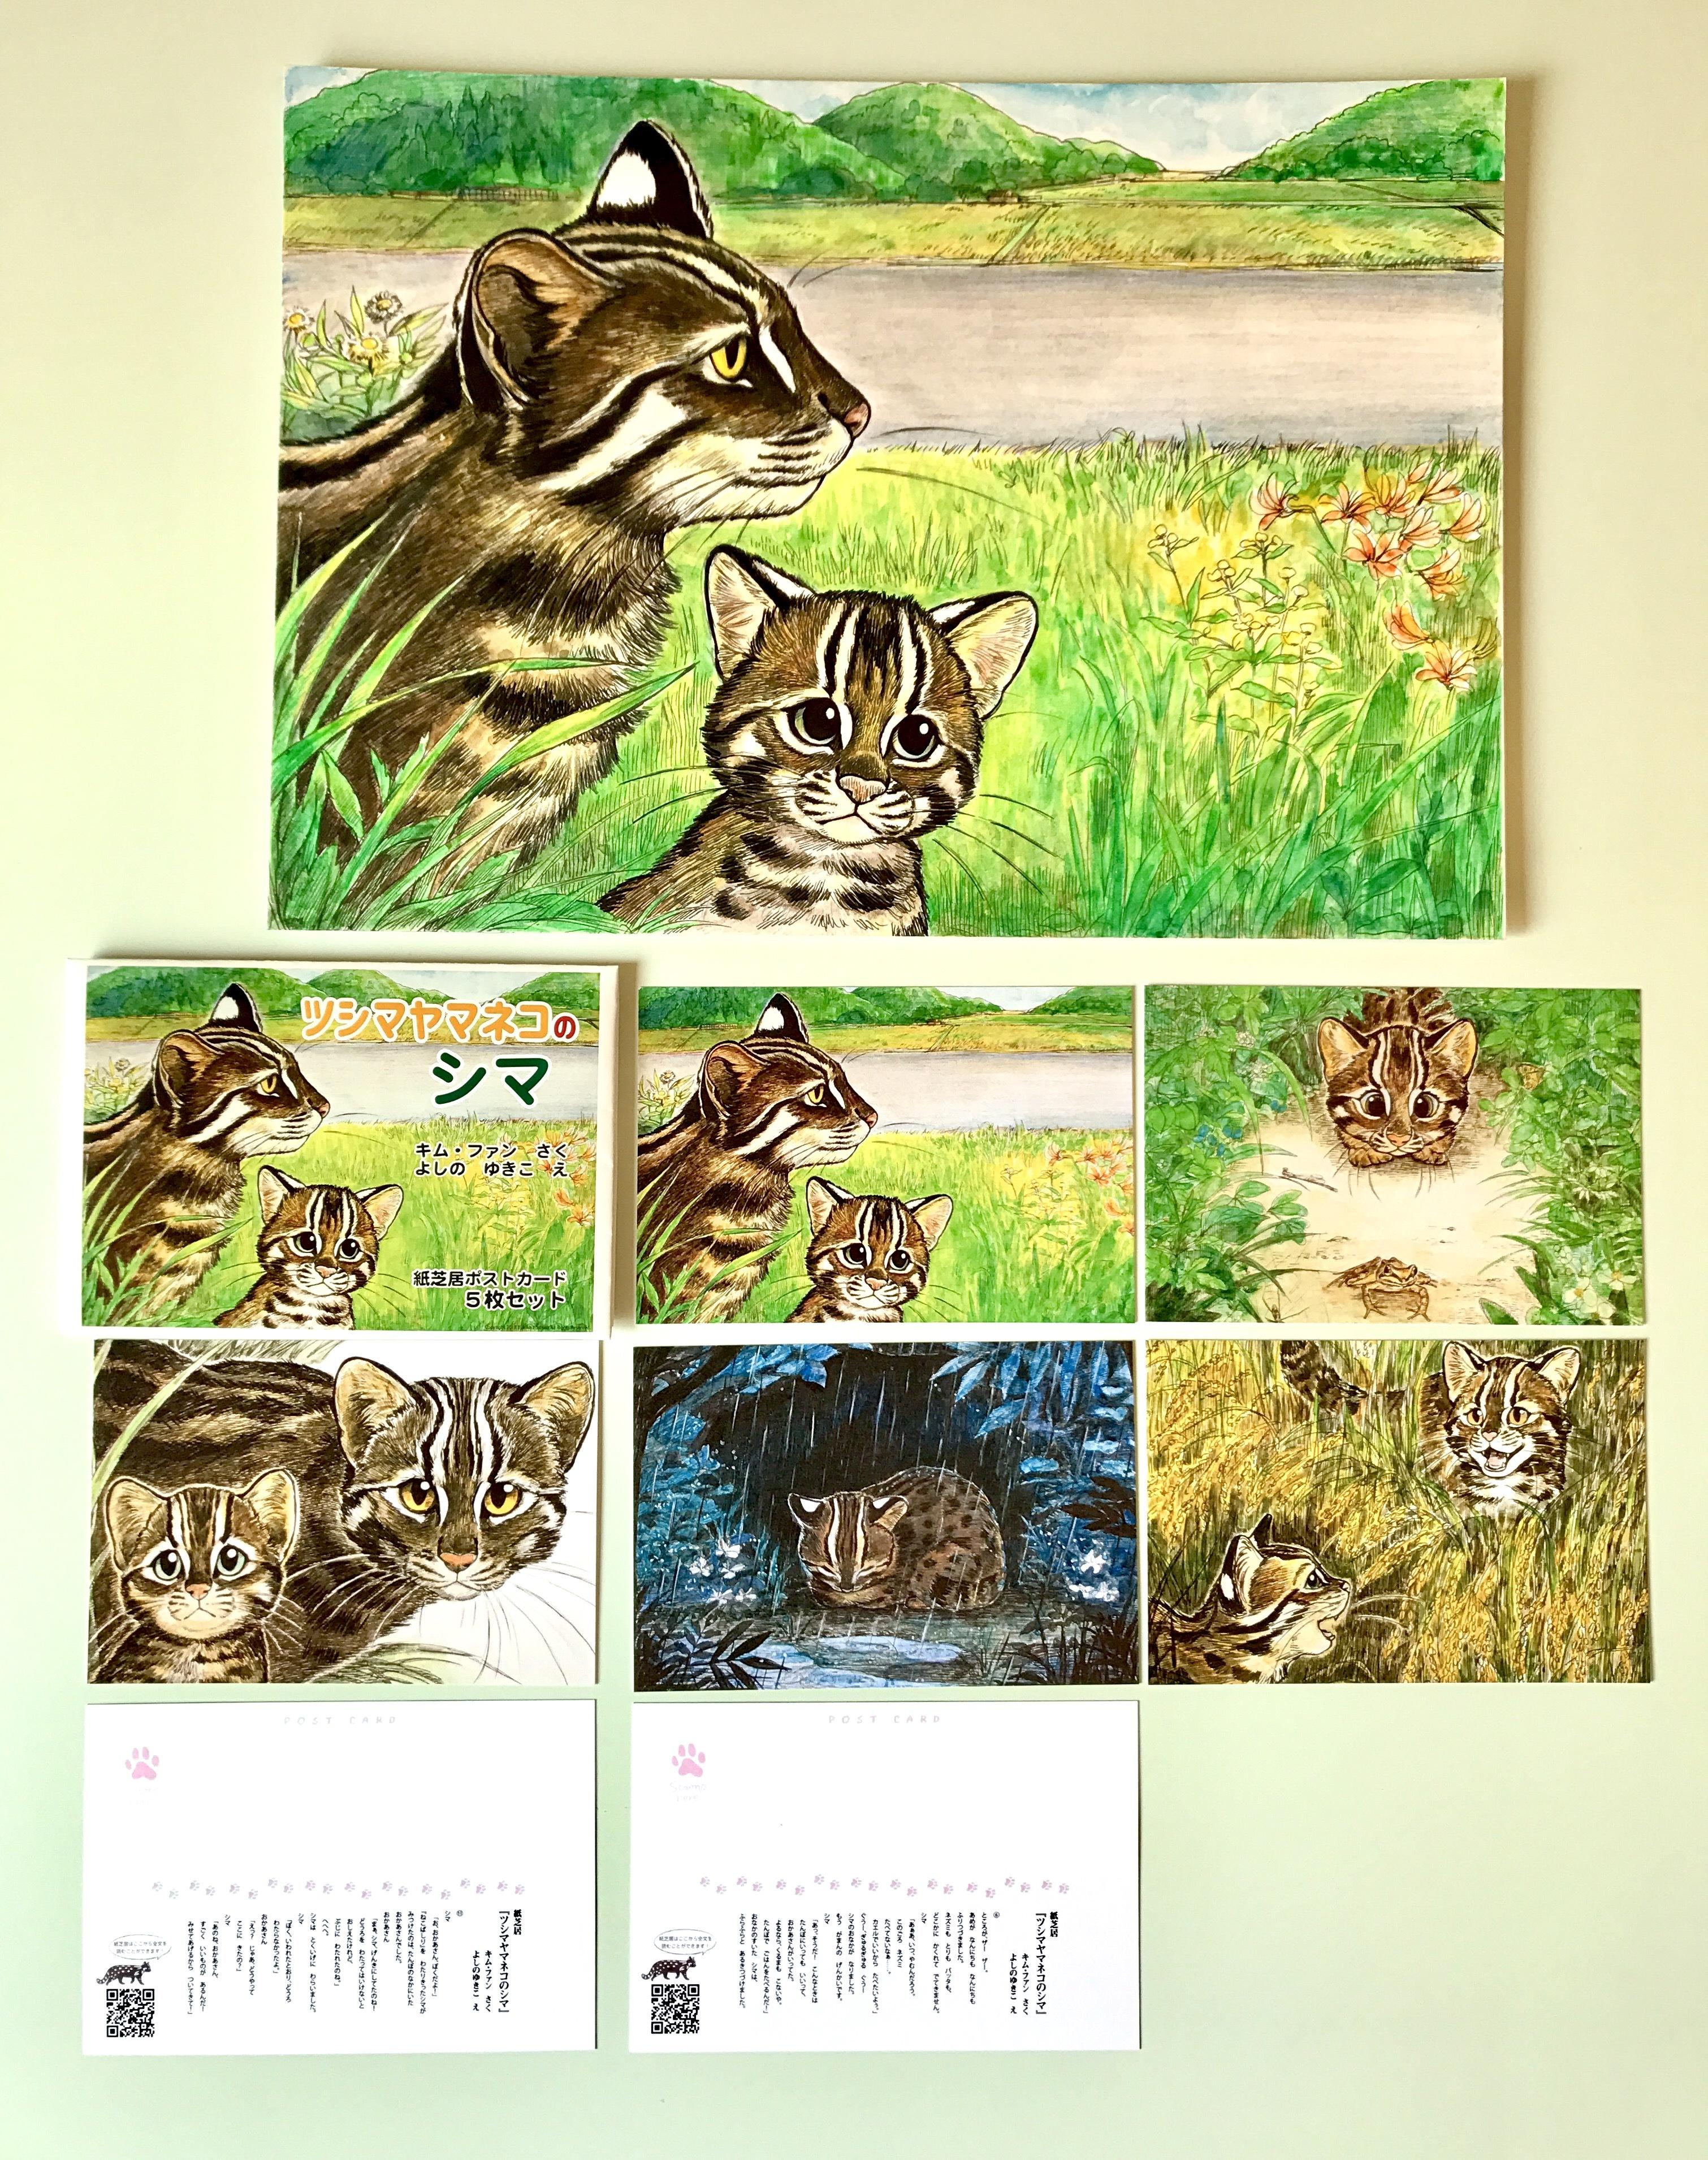 紙芝居ツシマヤマネコのシマ ポストカードセット(5枚)